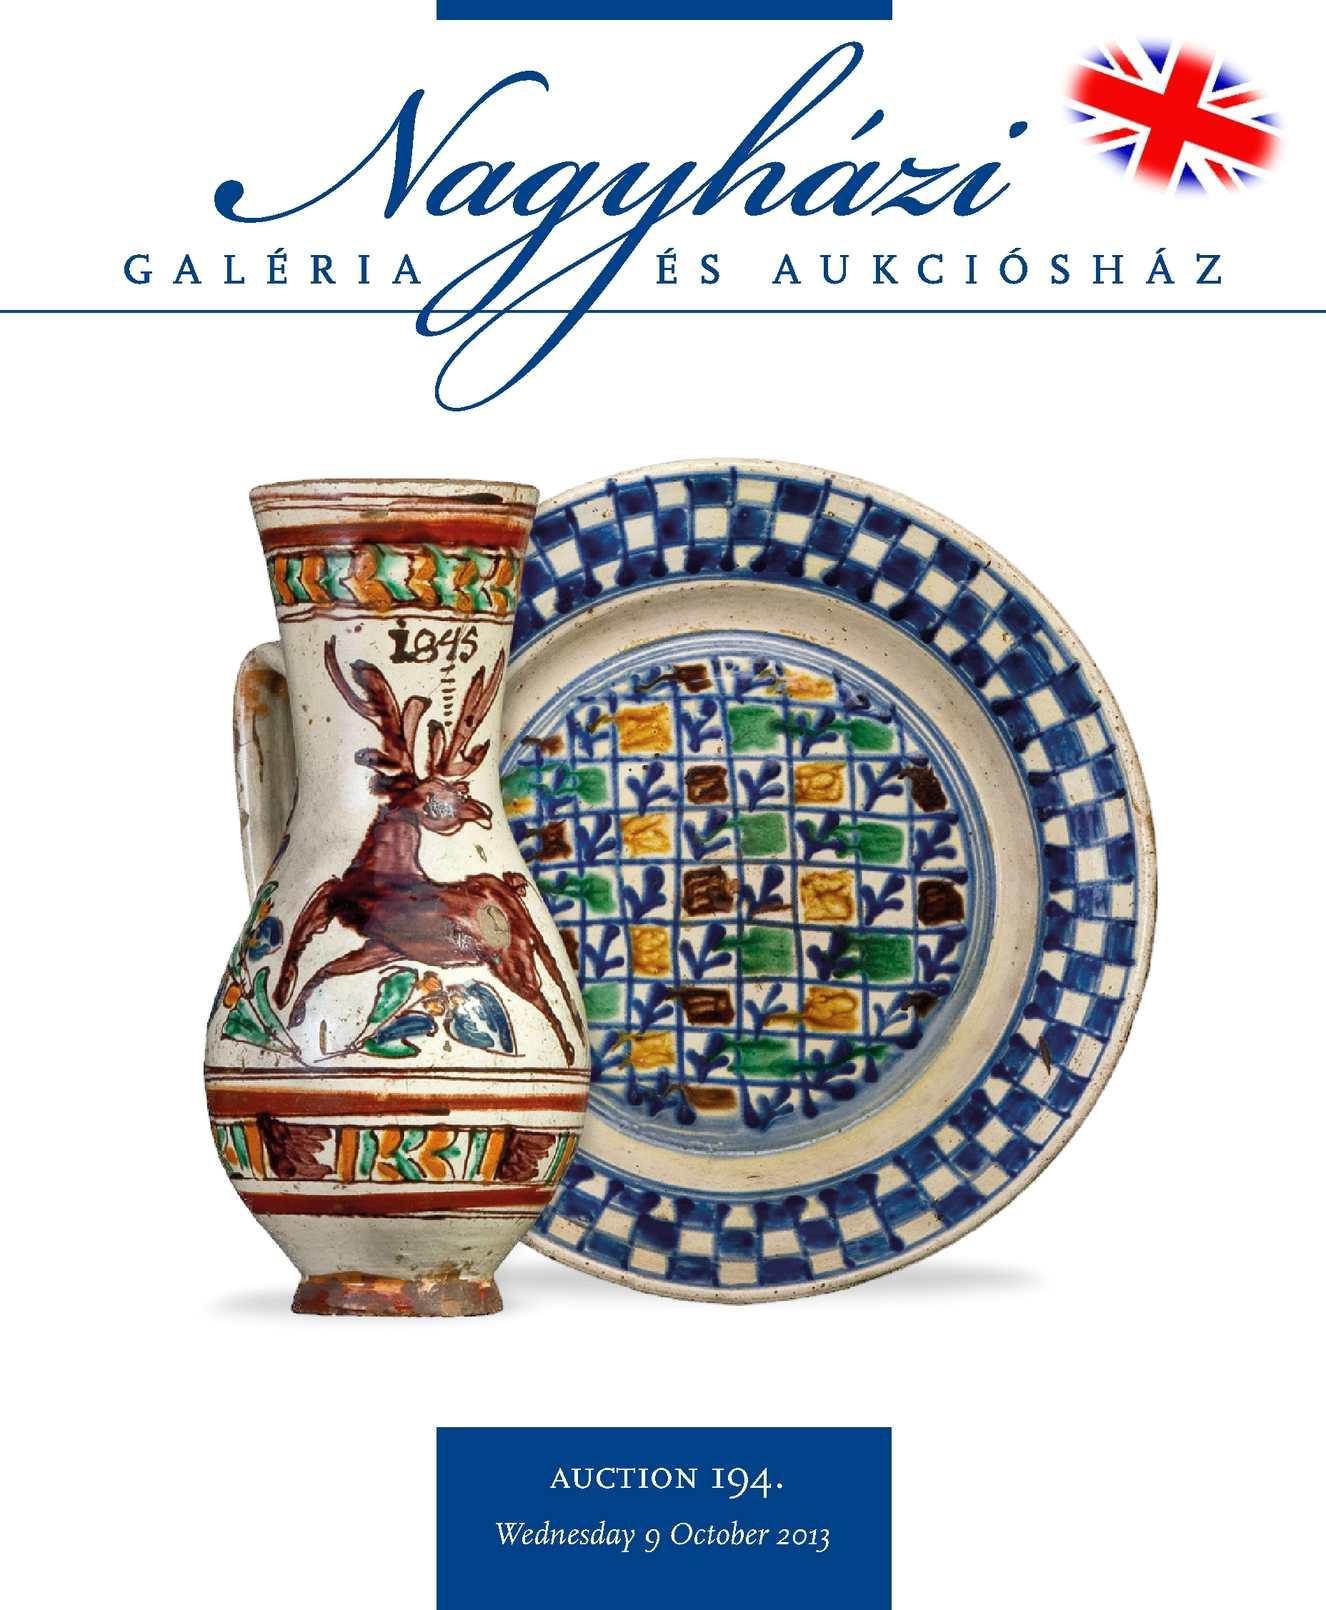 Nagyházi Galéria és Aukciósház – Auction 194.